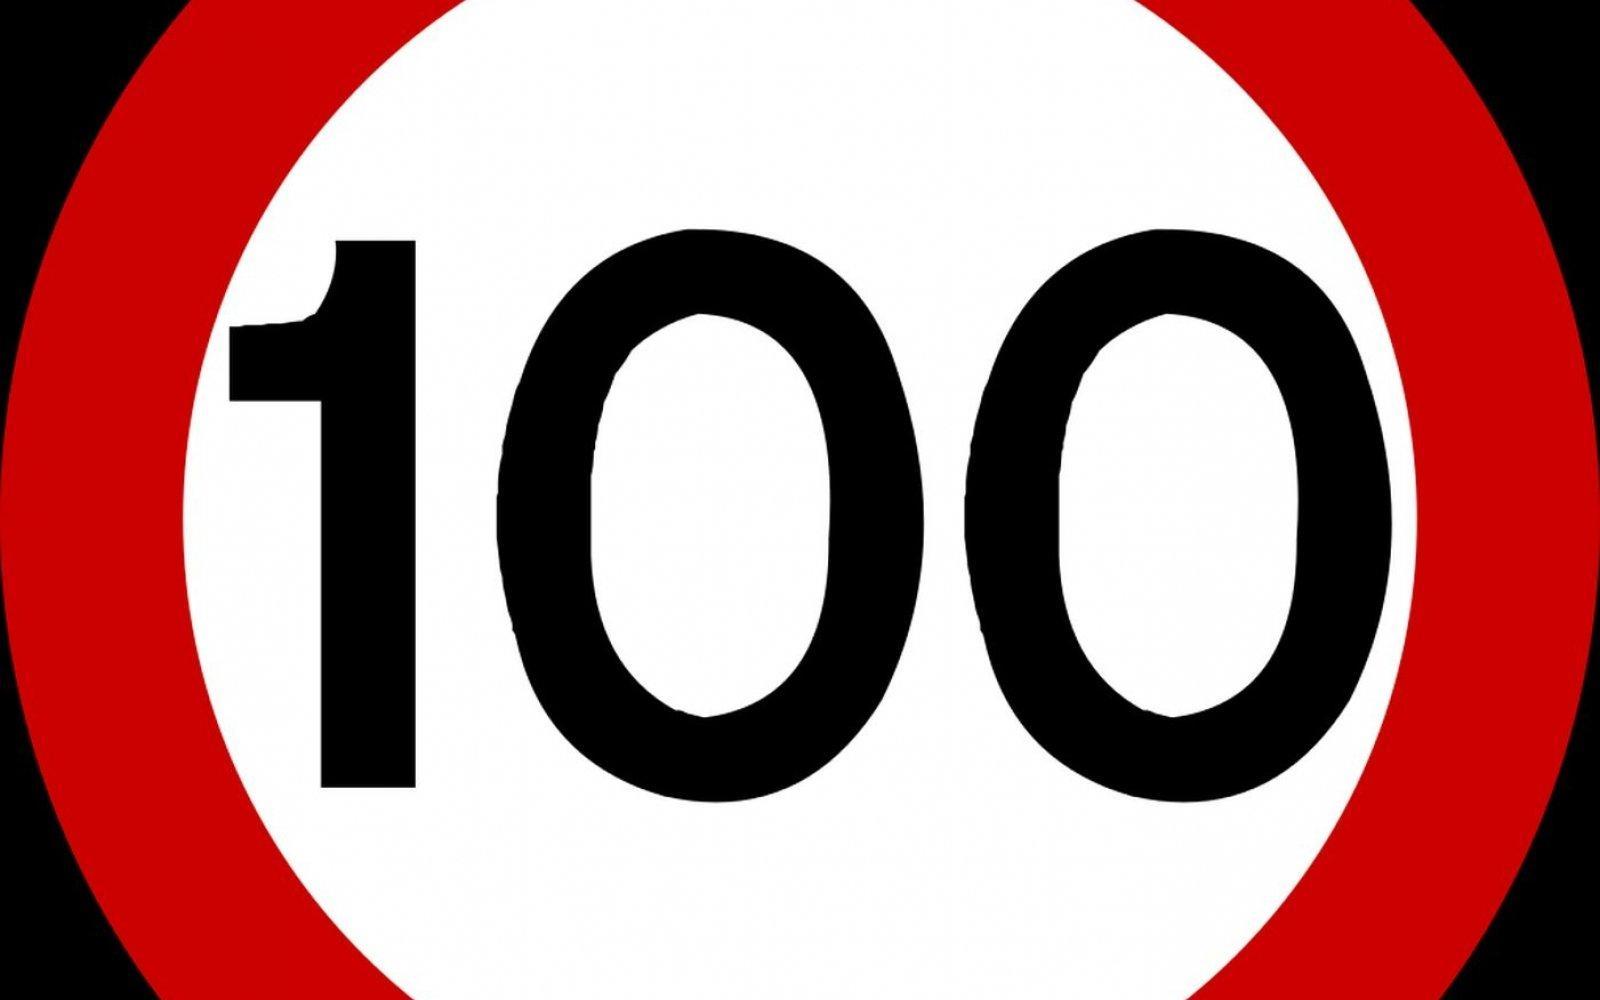 Snelheidsverlaging naar 100 km/h kost miljoenen meer dan verwacht